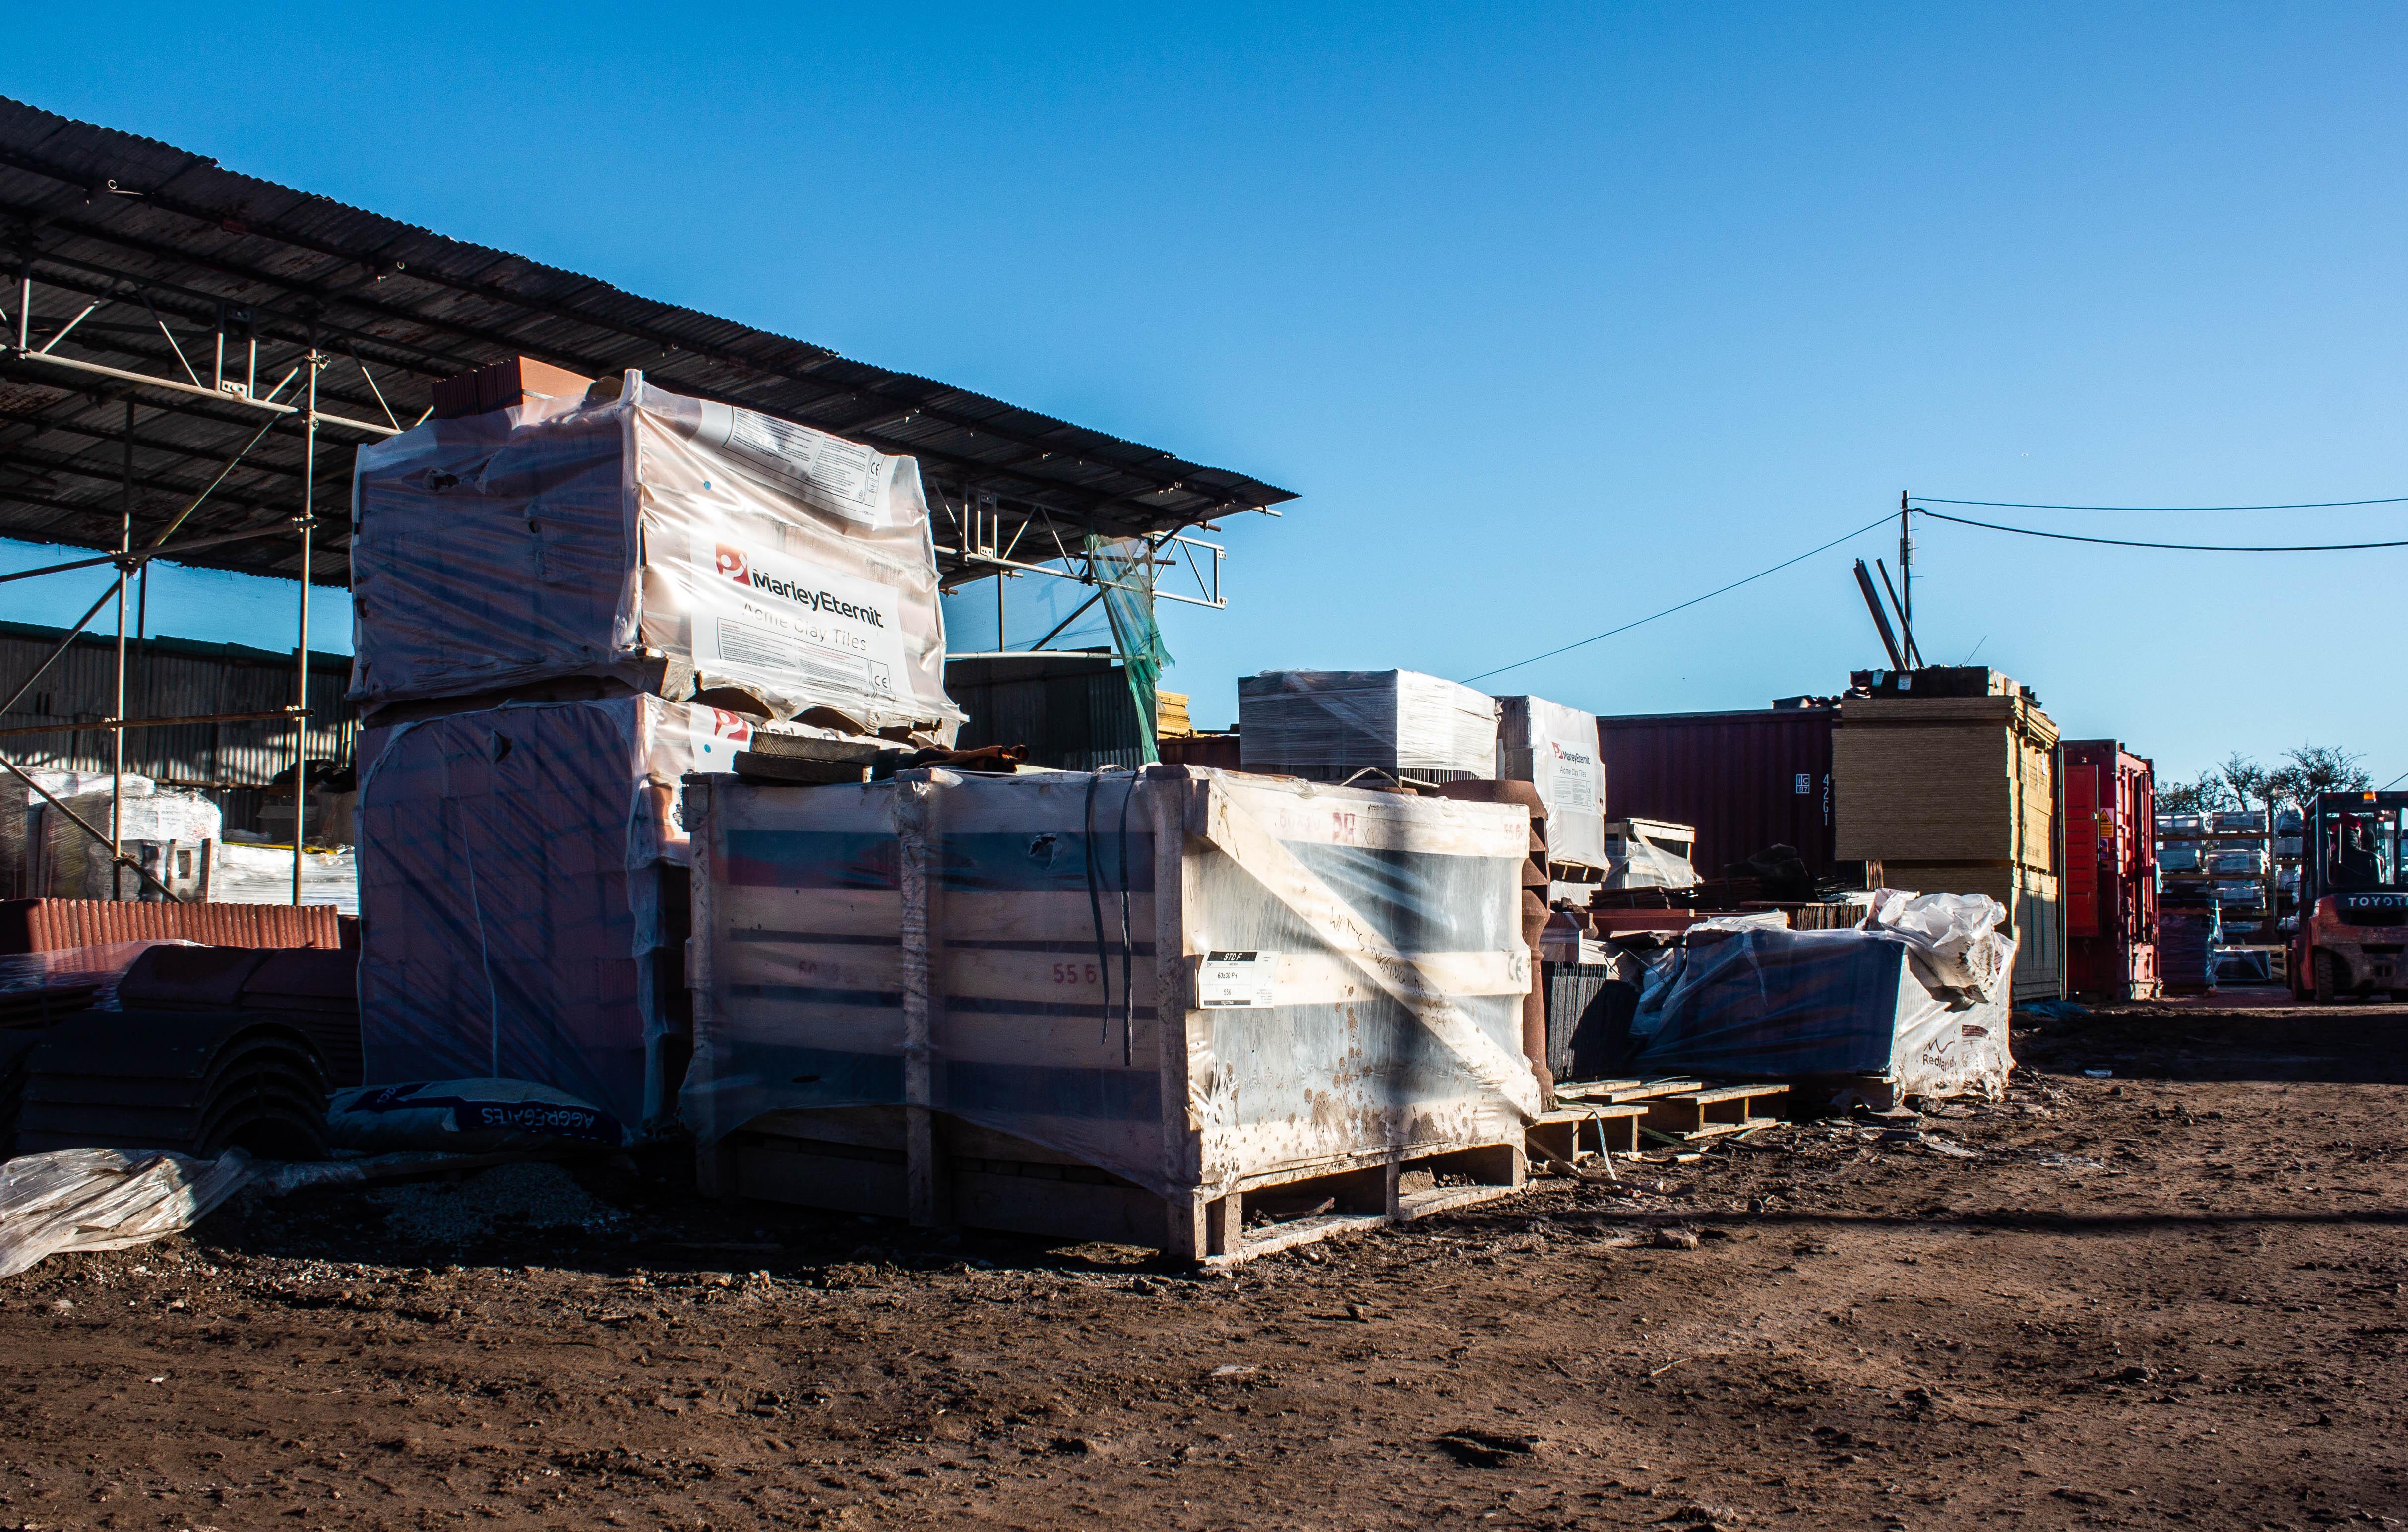 Yard 02 - Watts Roofing Supplies